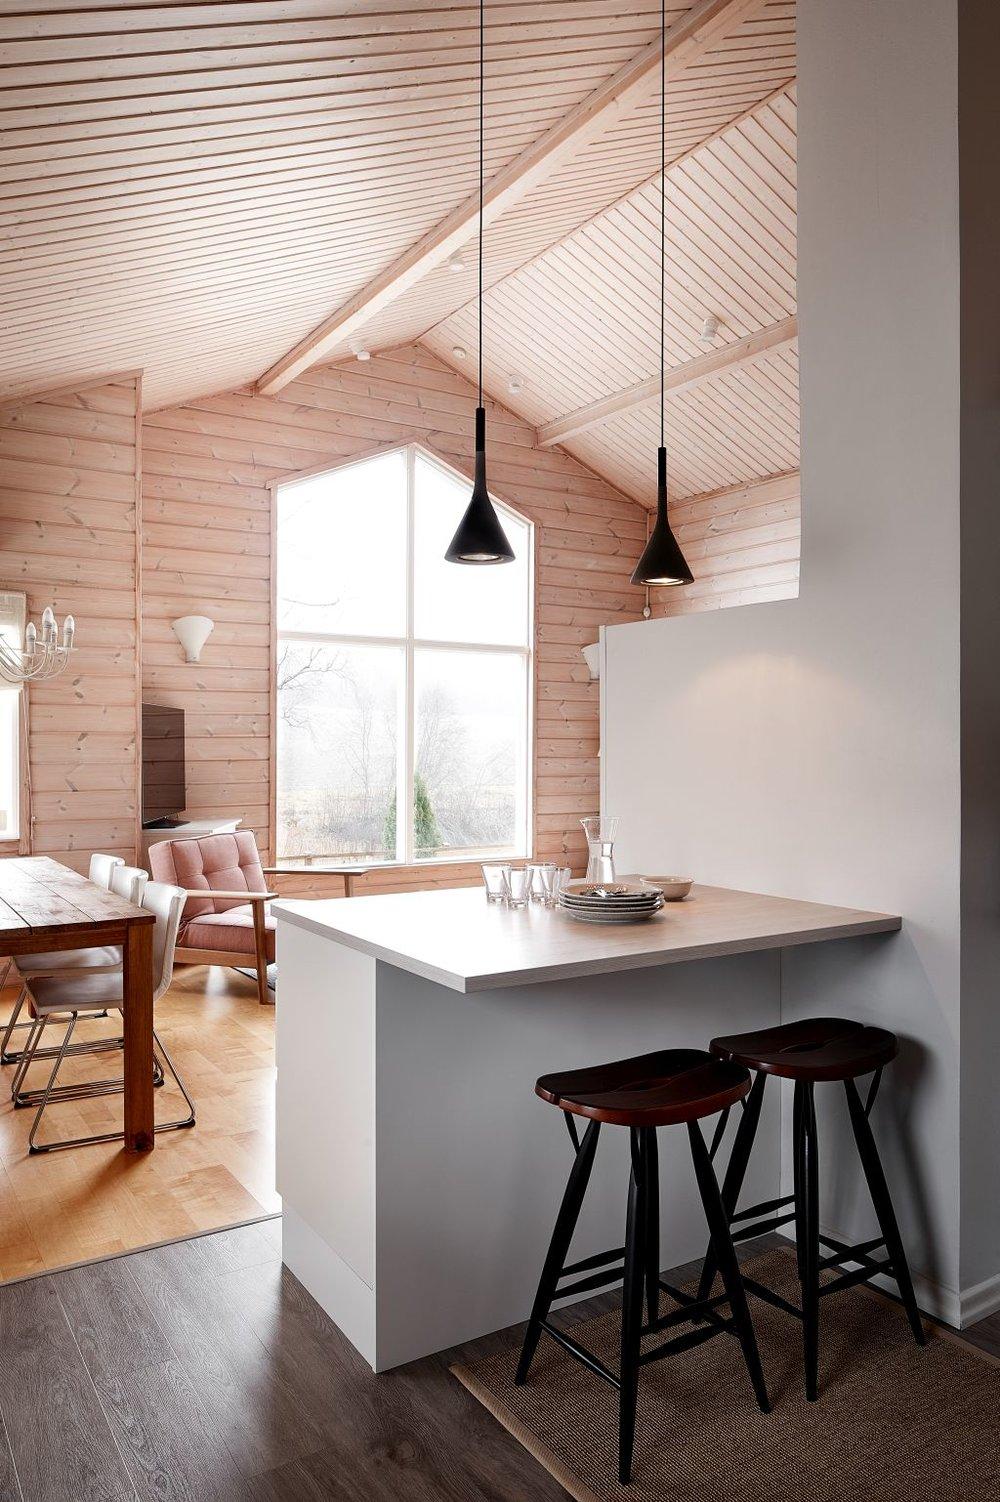 Keittiössä Foscarinin betoniset valaisimet yhdistettiin Artekin Pirkka tuoleihin.